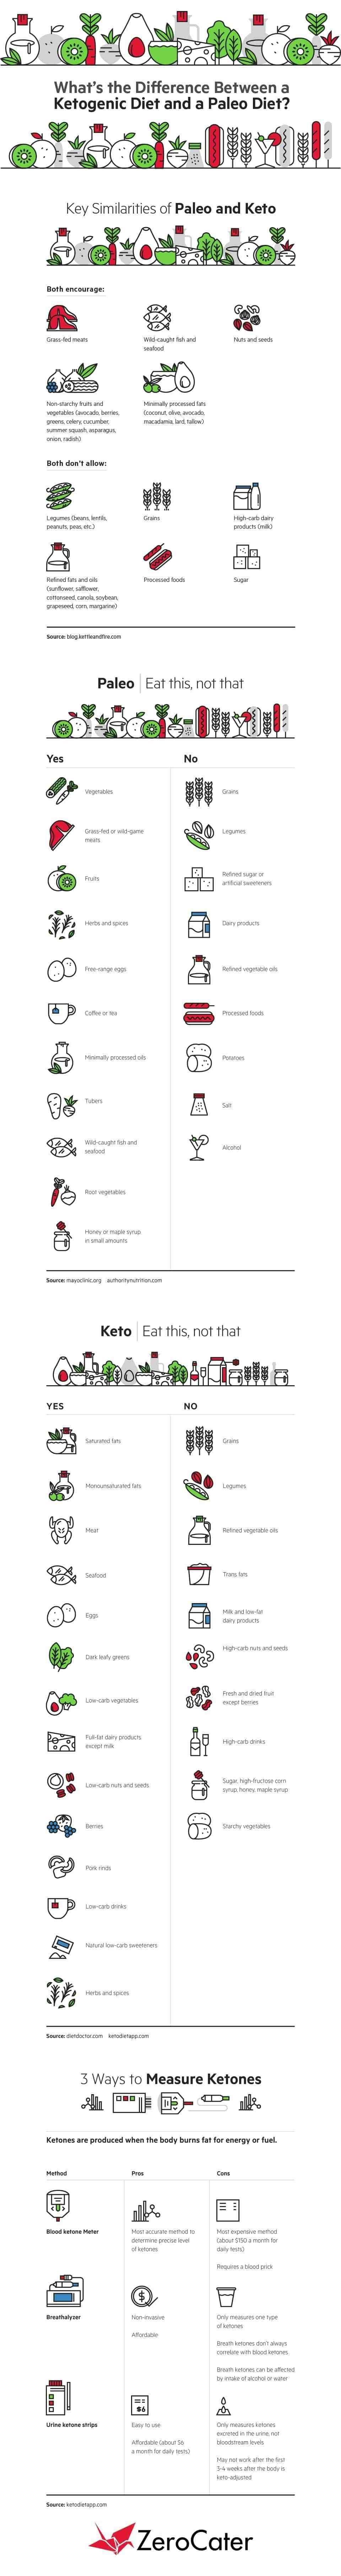 Keto Vs. Paleo Infographic